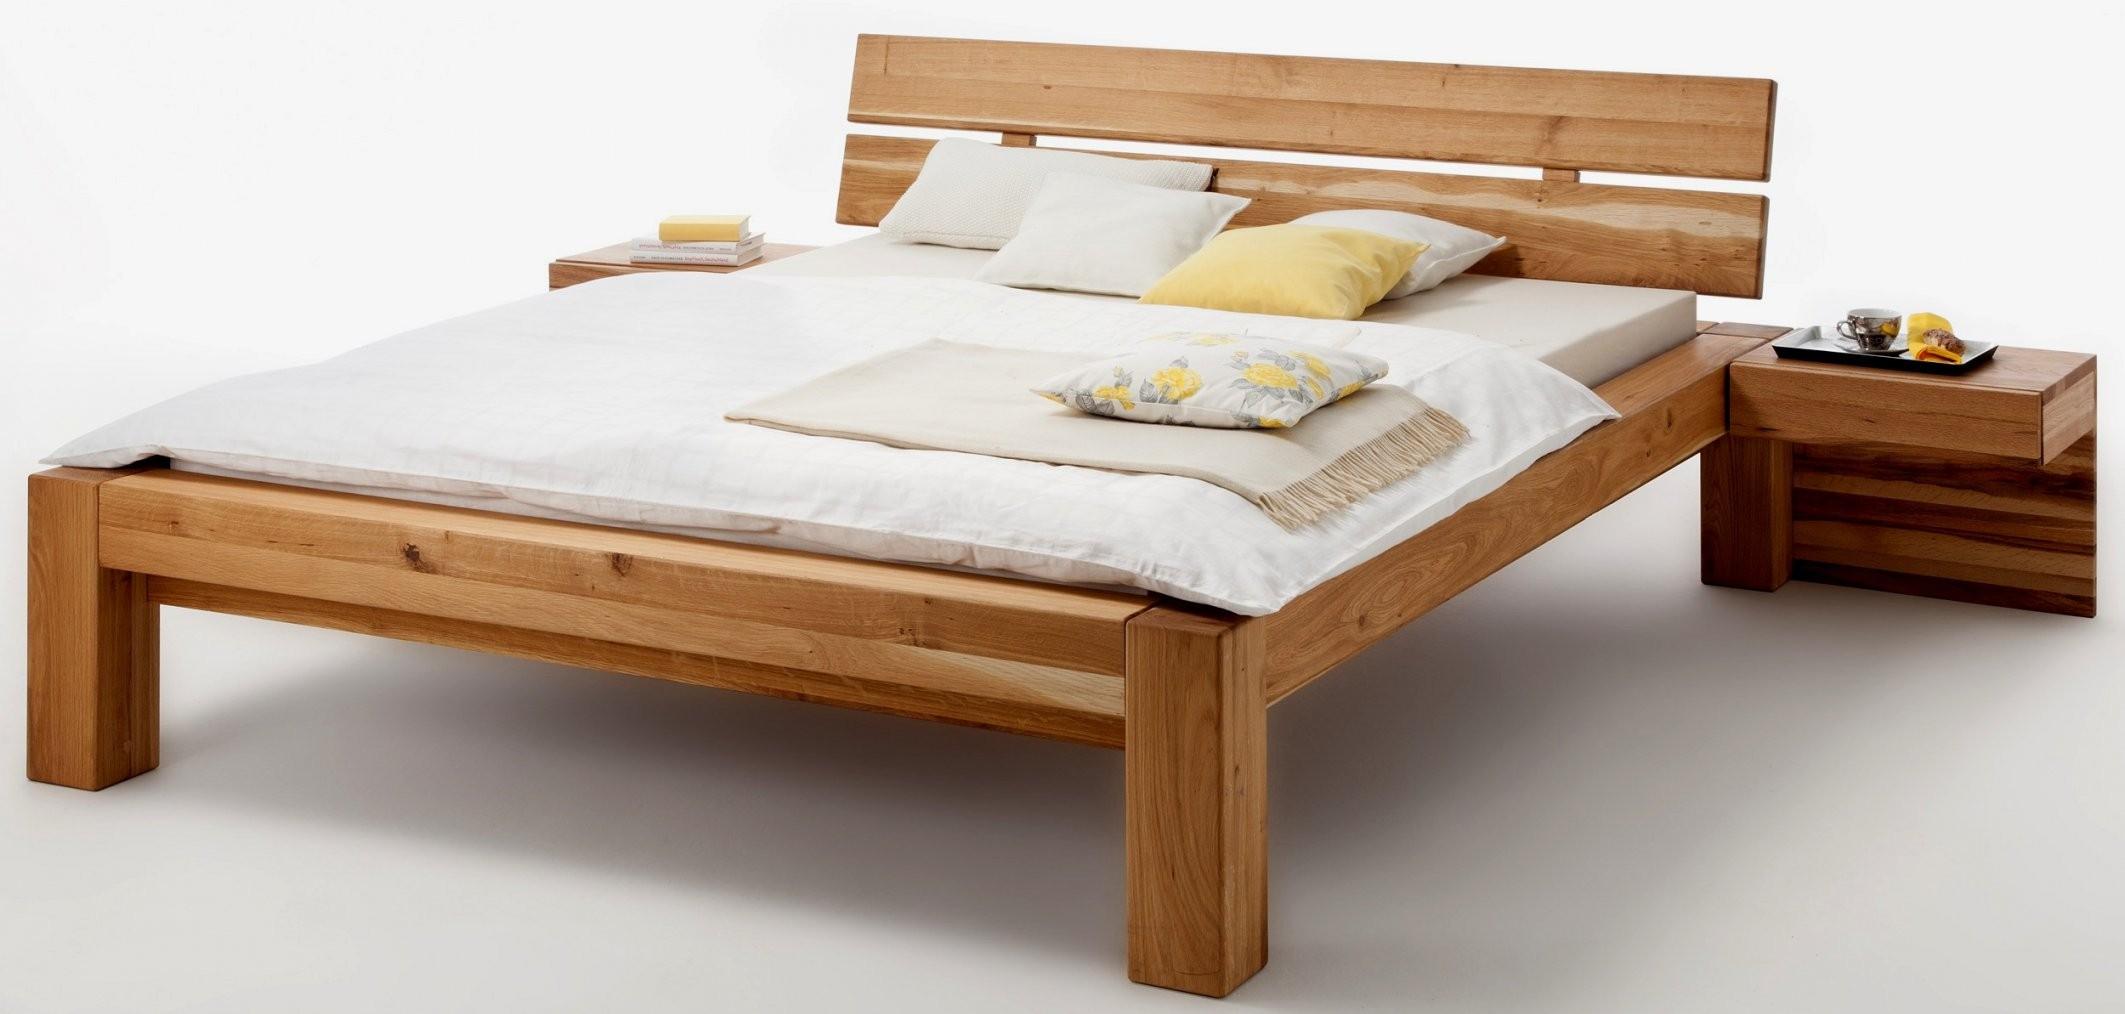 Herrlich Bett 160X200 Holz 200X200Z Schon Doppelbetten Fur von Bett 160X200 Holz Weiß Bild